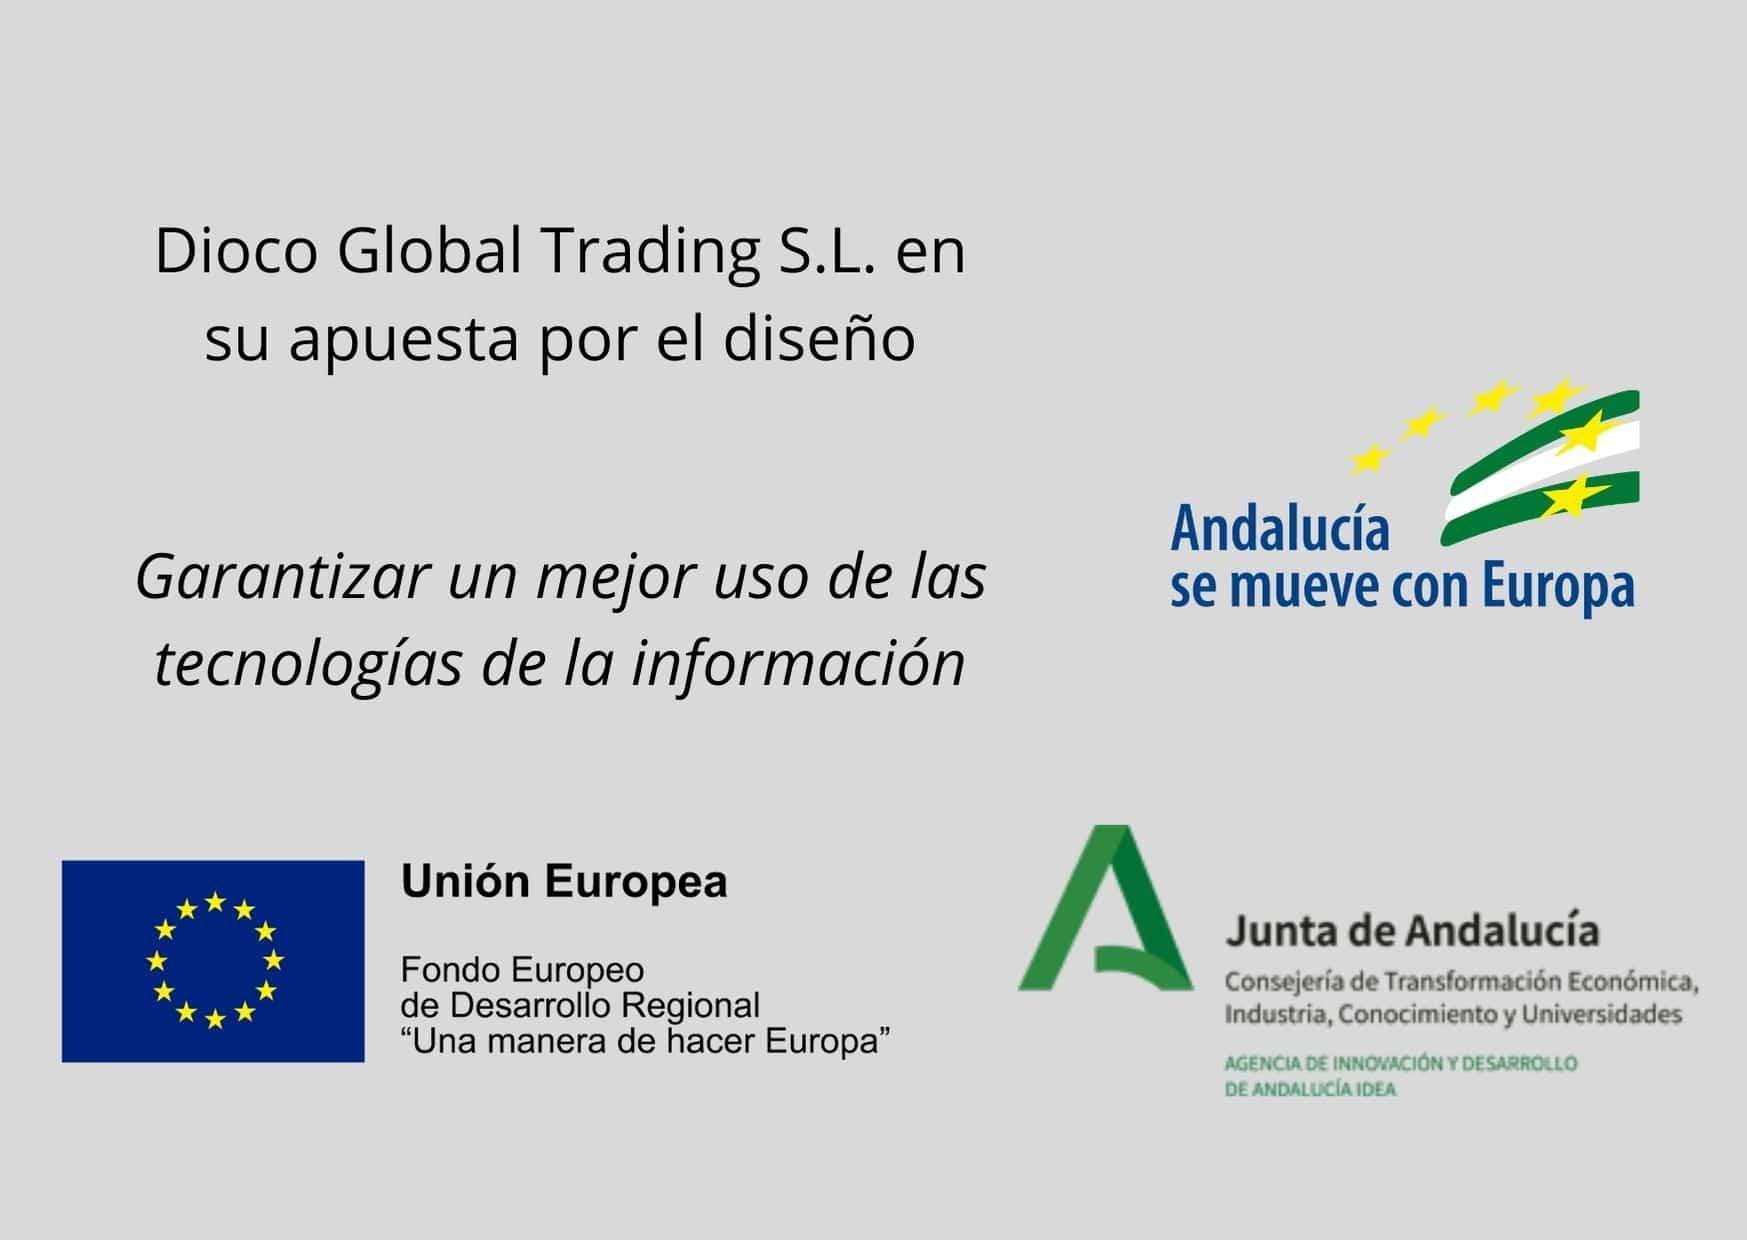 Incentivo de la Agencia de Innovación y Desarrollo de Andalucía IDEA – Servicios Avanzados – Diseño